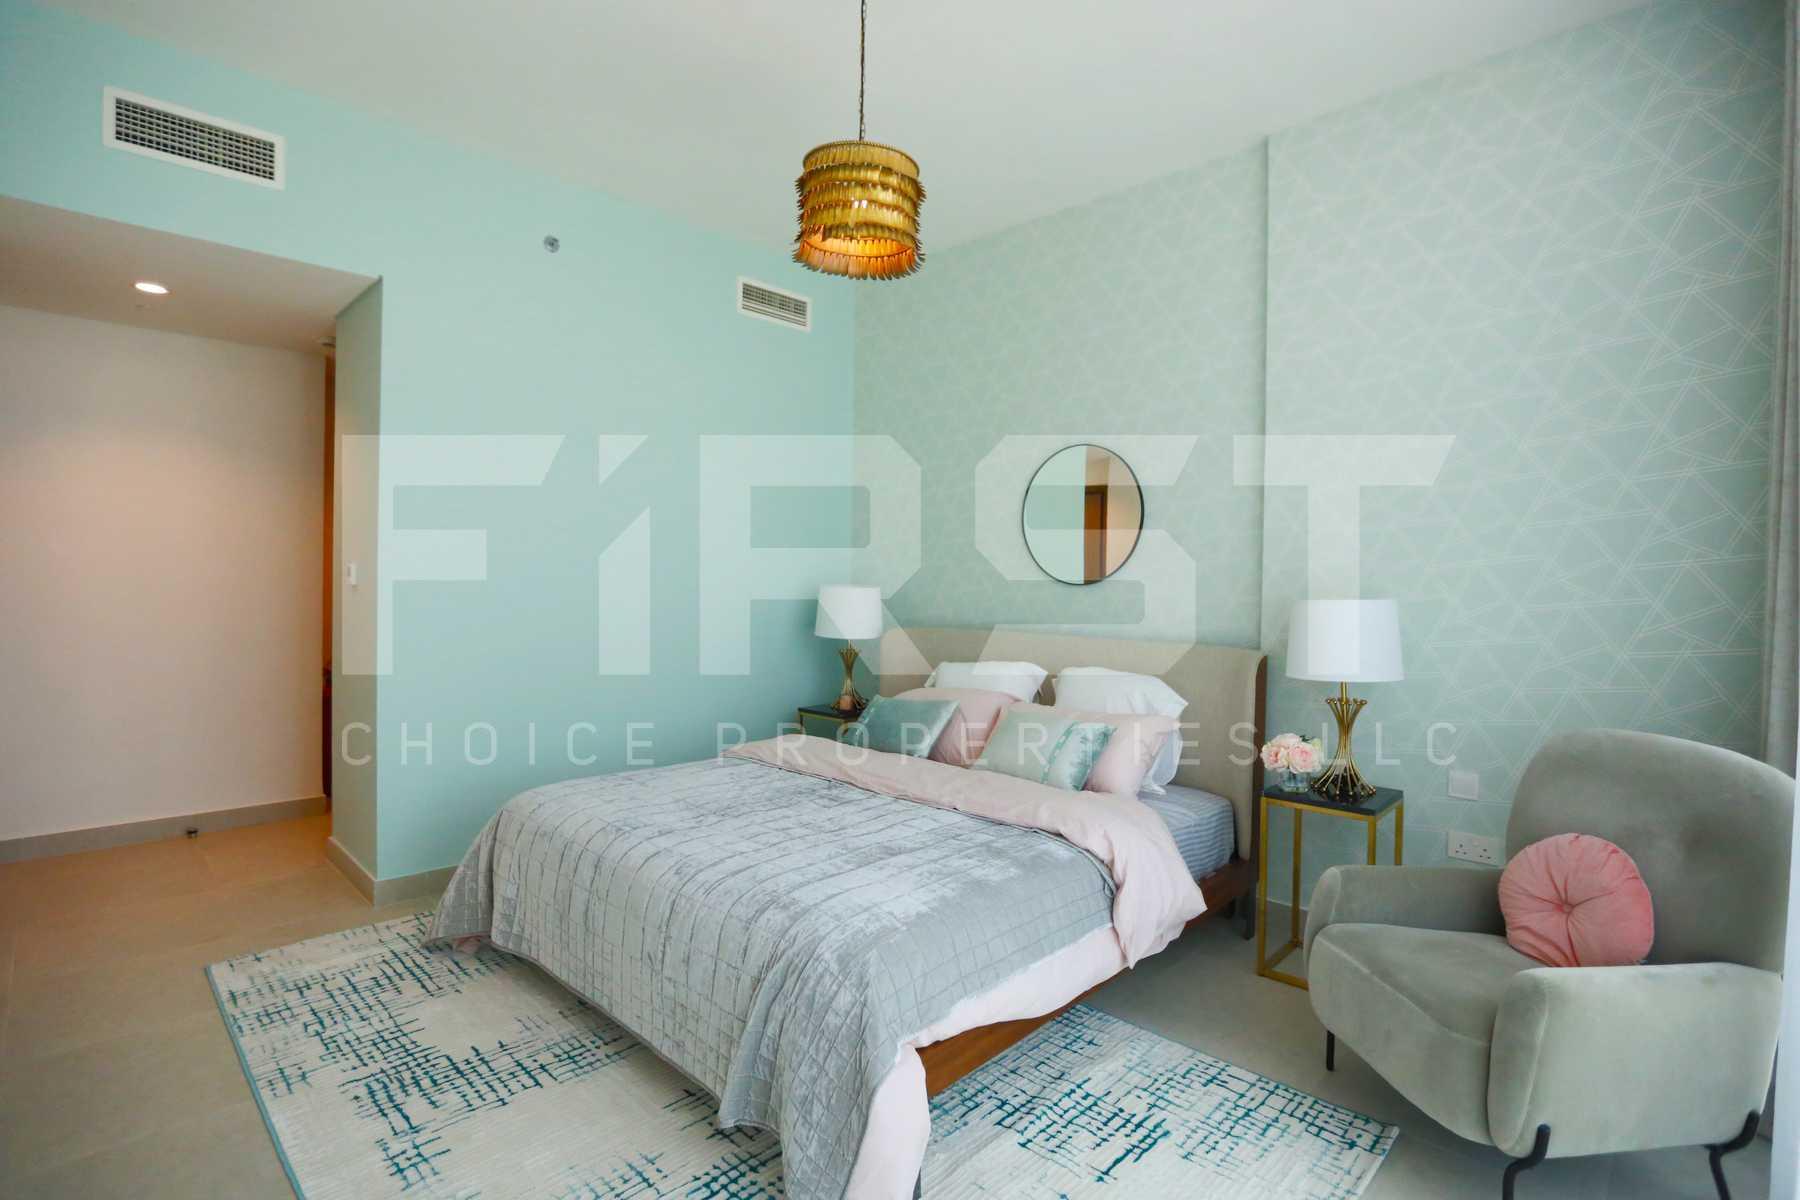 Internal of 1 Bedroom Apartment in Park view Saadiyat Ilsand Abu Dhabi UAE (1).jpg